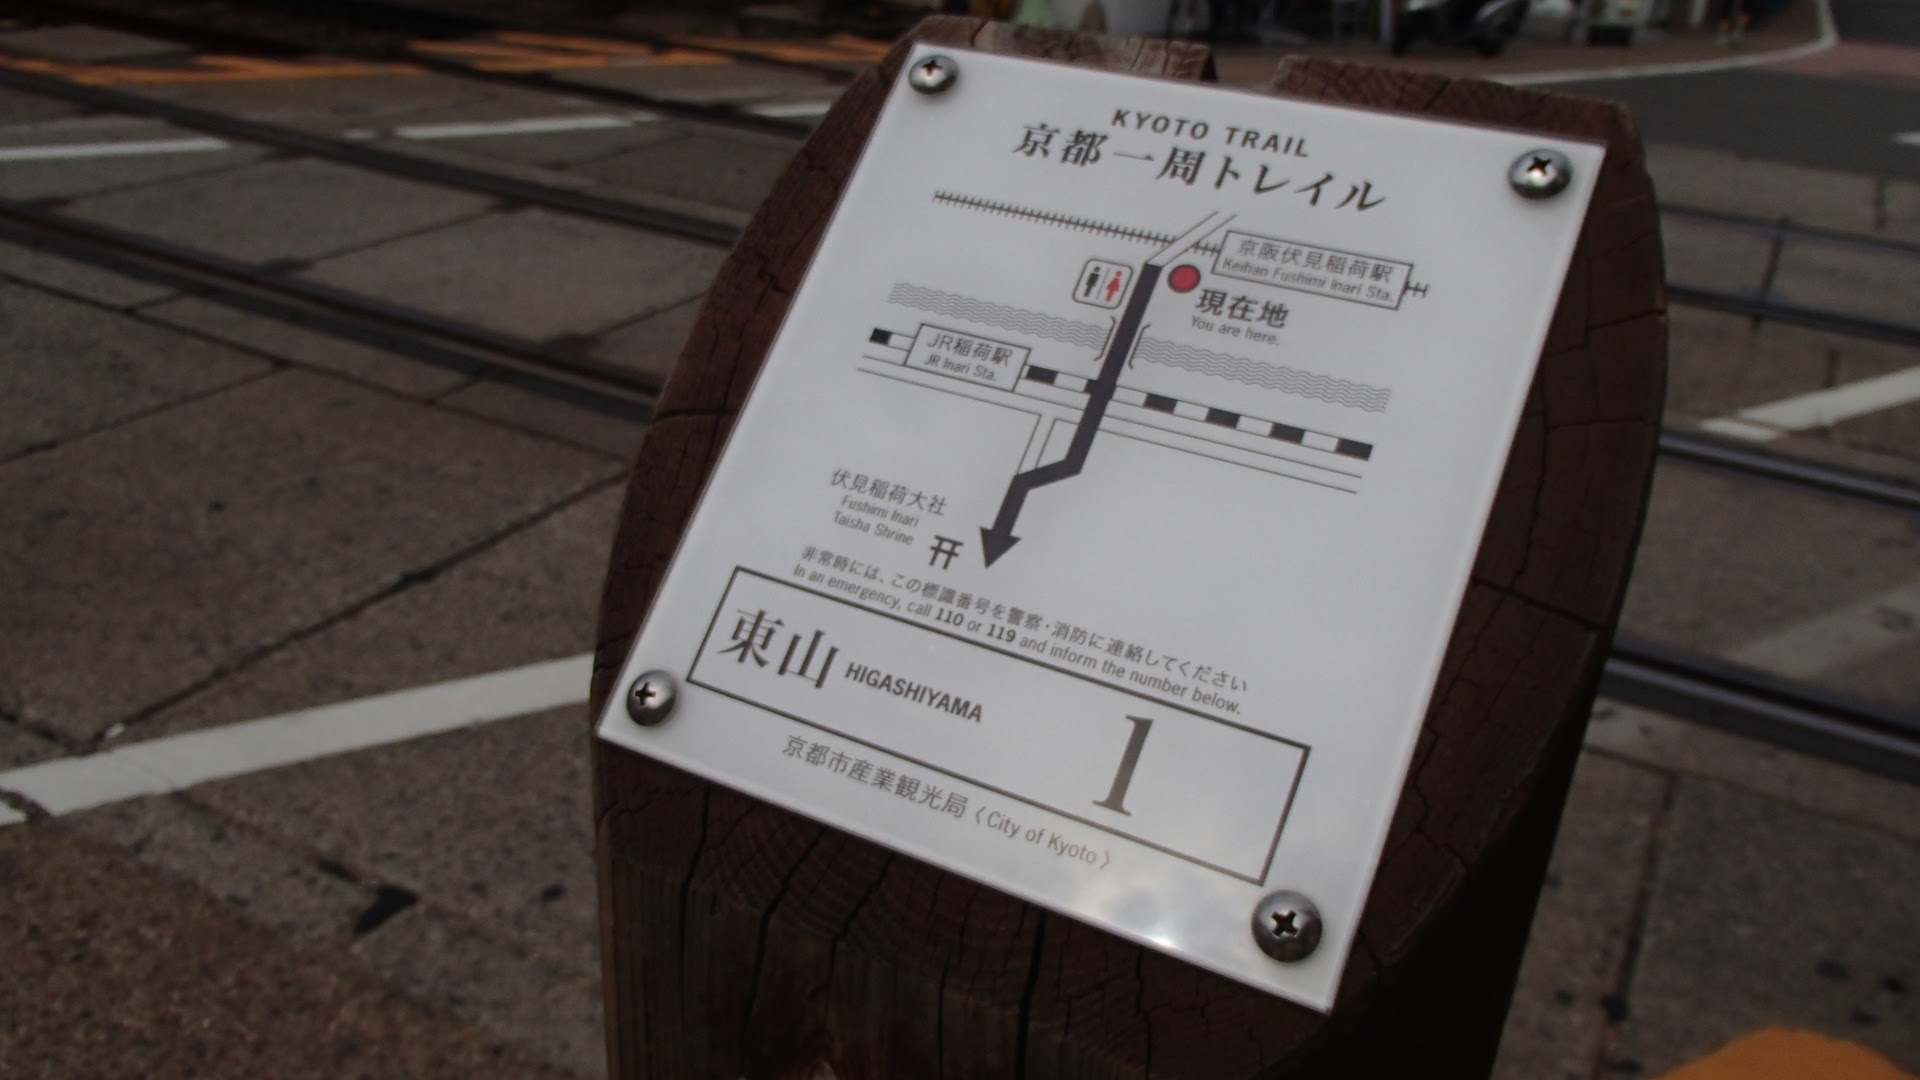 京都トレイル東山コース1